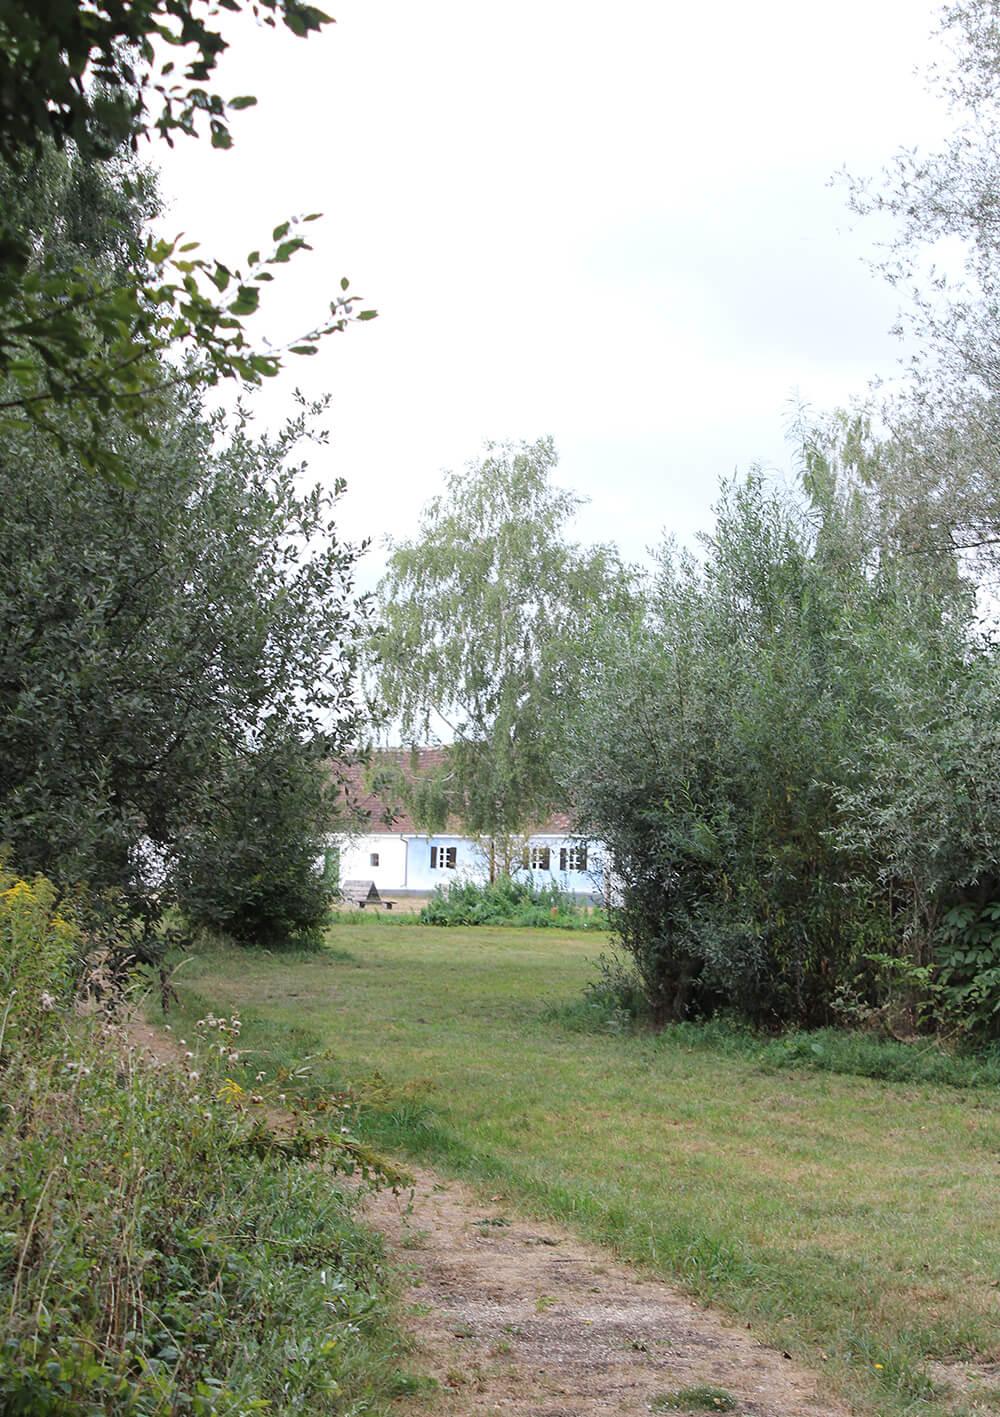 Naturkunderundgang im Haus im Moos bei Neuburg an der Donau